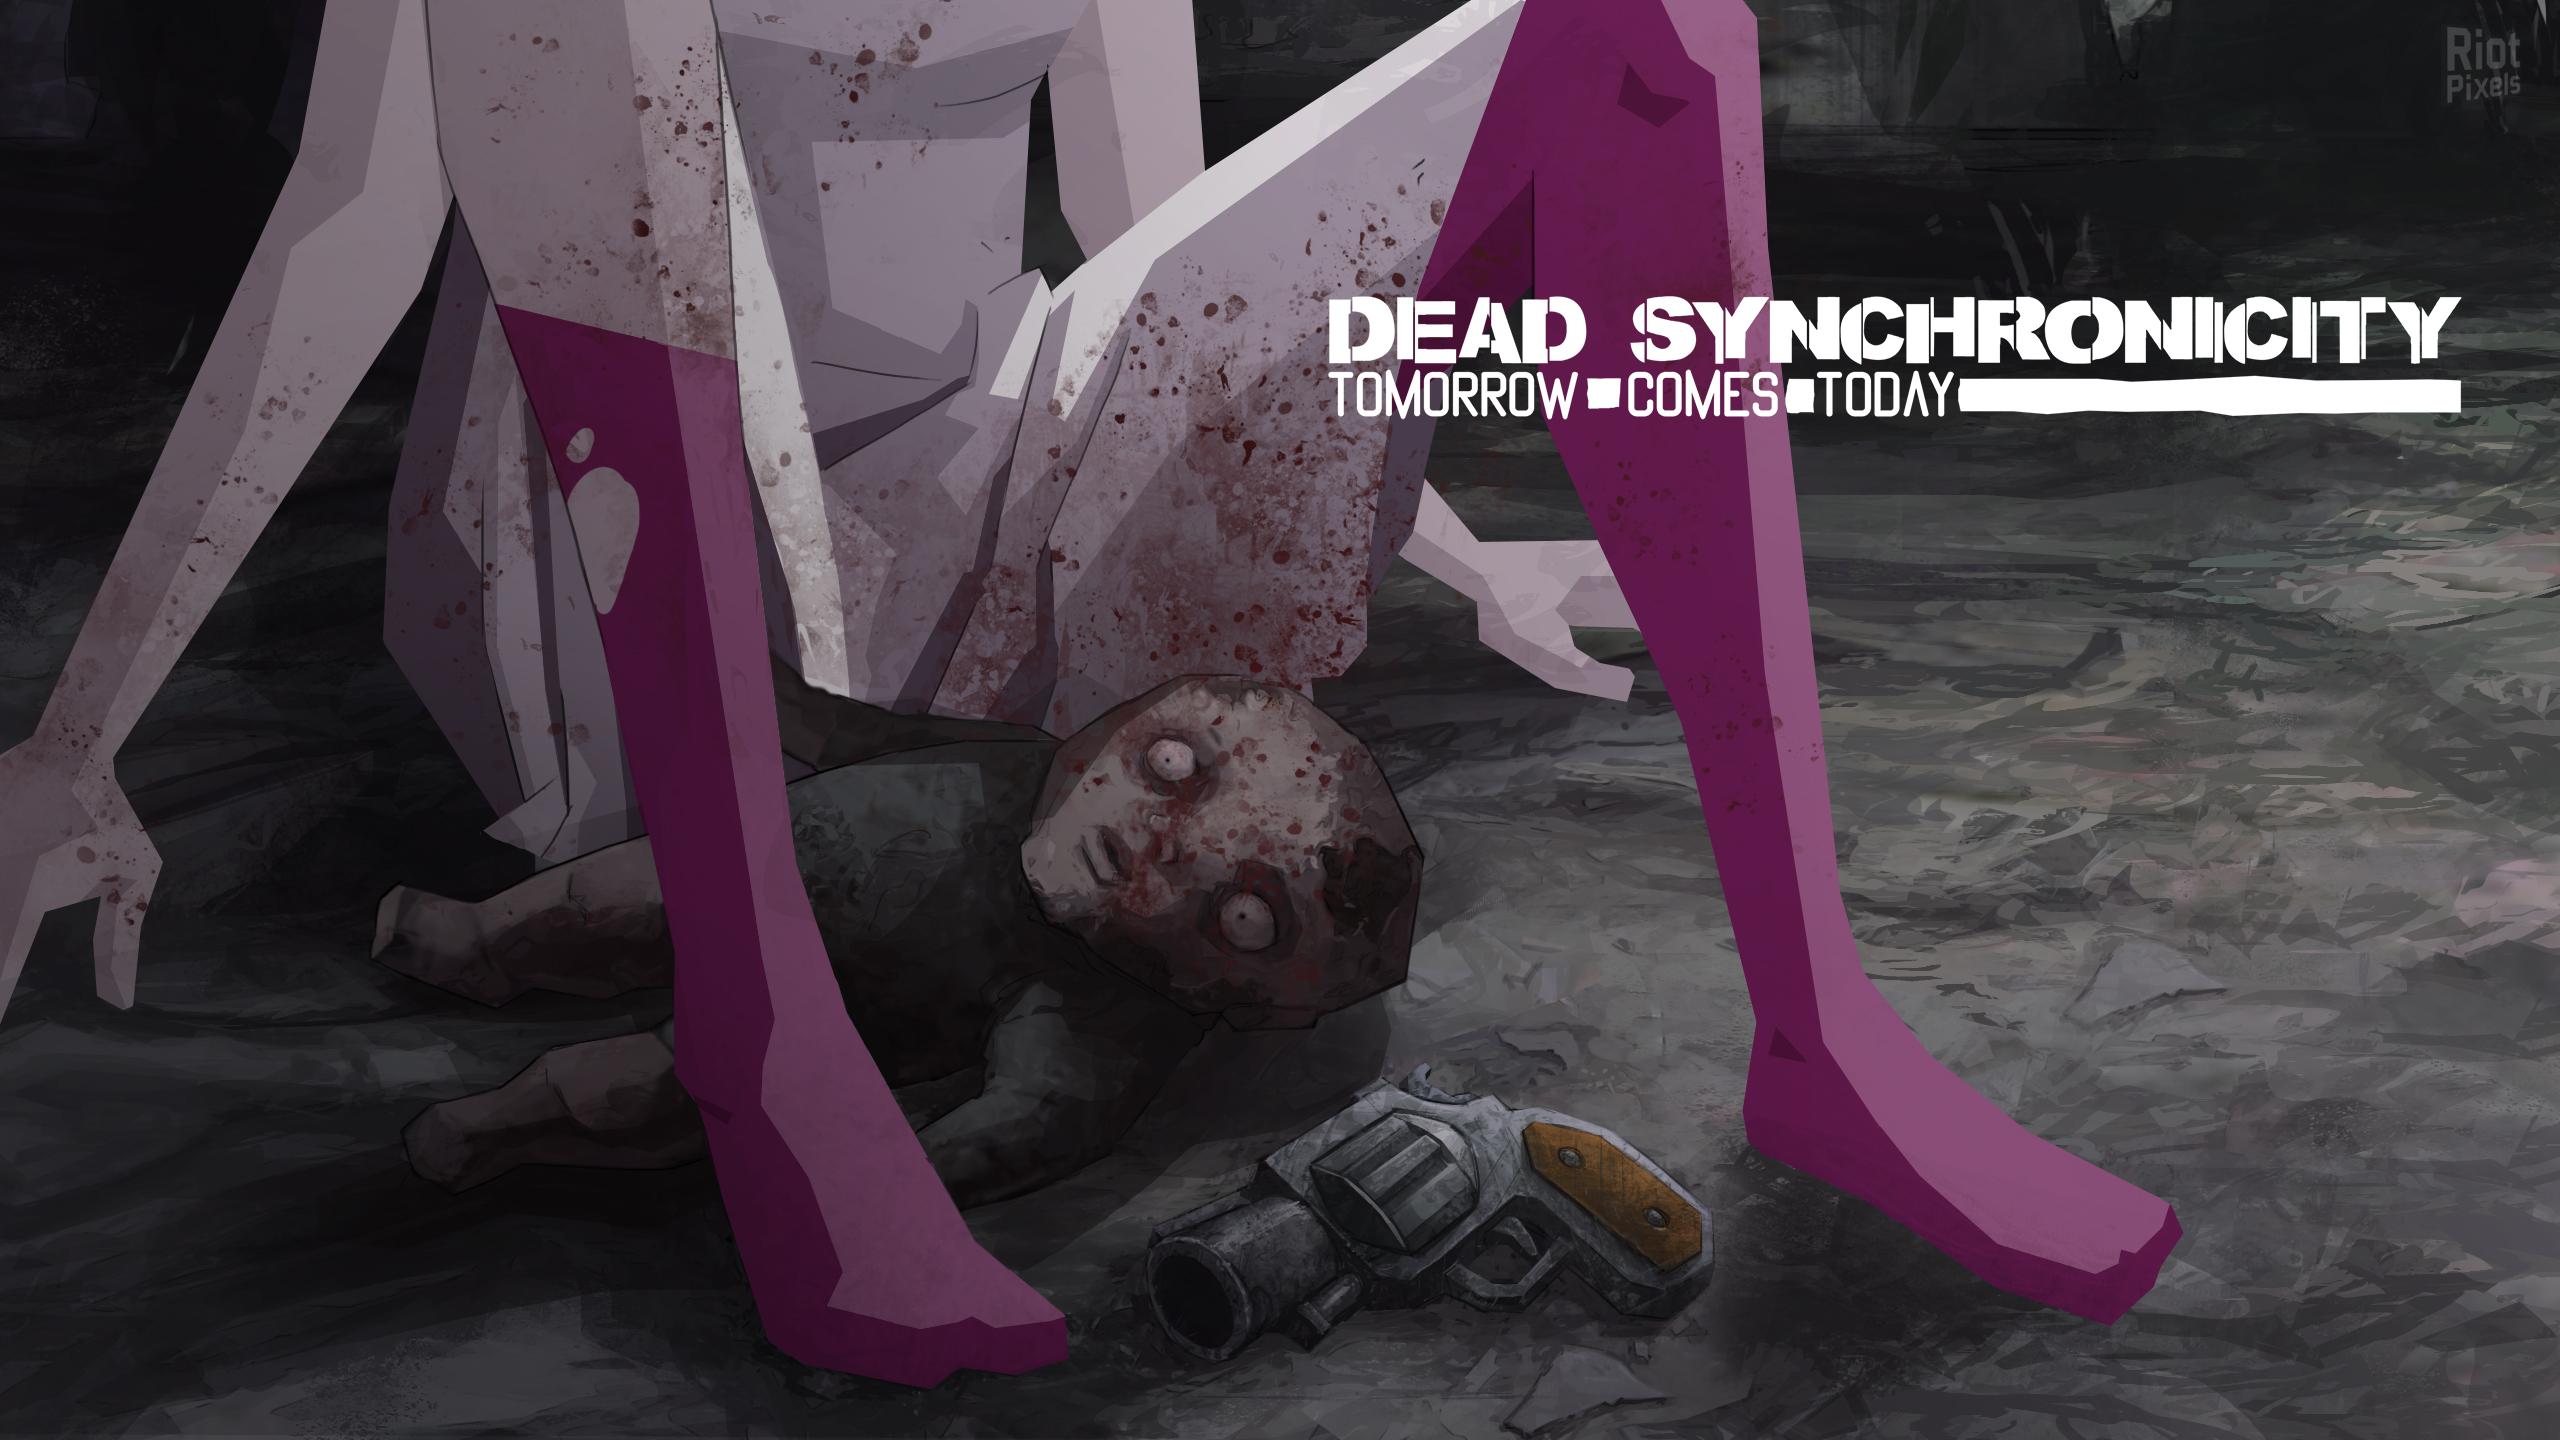 artwork.dead synchronicity tomorrow comes today.2560x1440.2016 10 11.115 - Il mondo dei videogiochi ci permette di comprendere al meglio la realtà? Un interessante paradosso.